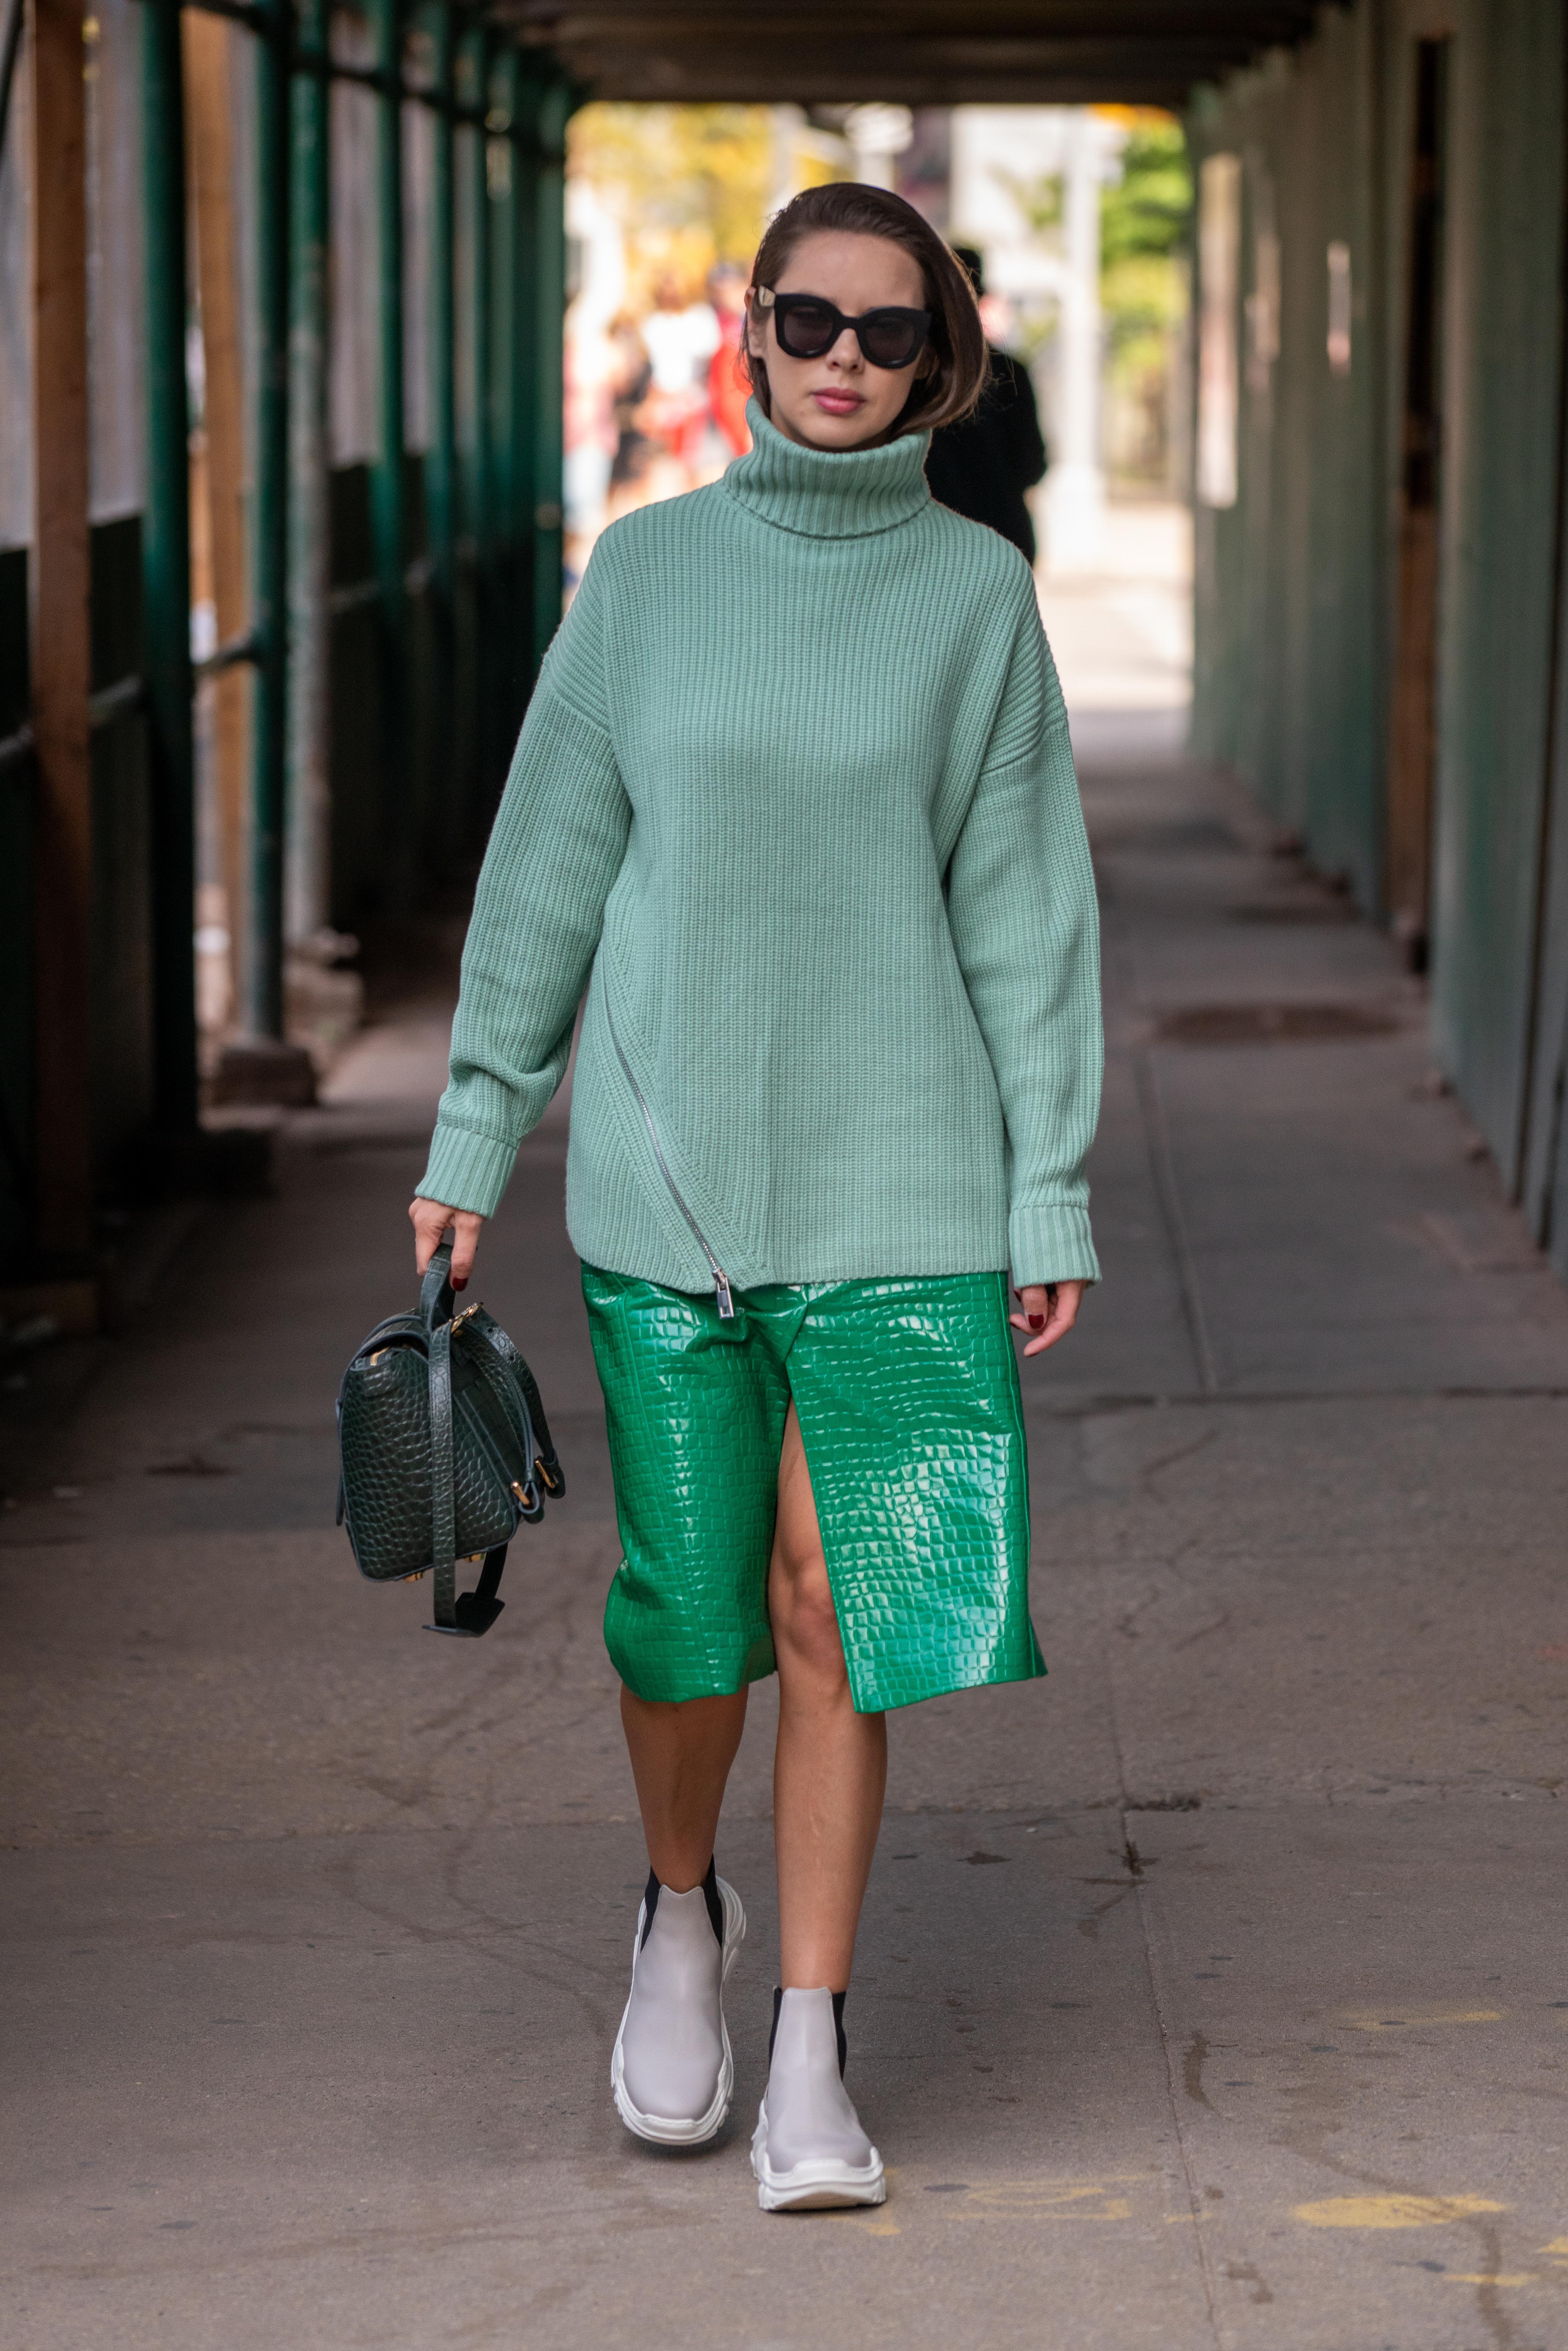 大胆なフロントスリップ、エコレザーの質感など、モードな雰囲気のミディスカートは、ざっくりニットでカジュアルダウンさせて。ストリートさトレンド感を高める。足元はスカートとの丈感がGOODなショート丈スニーカーを。